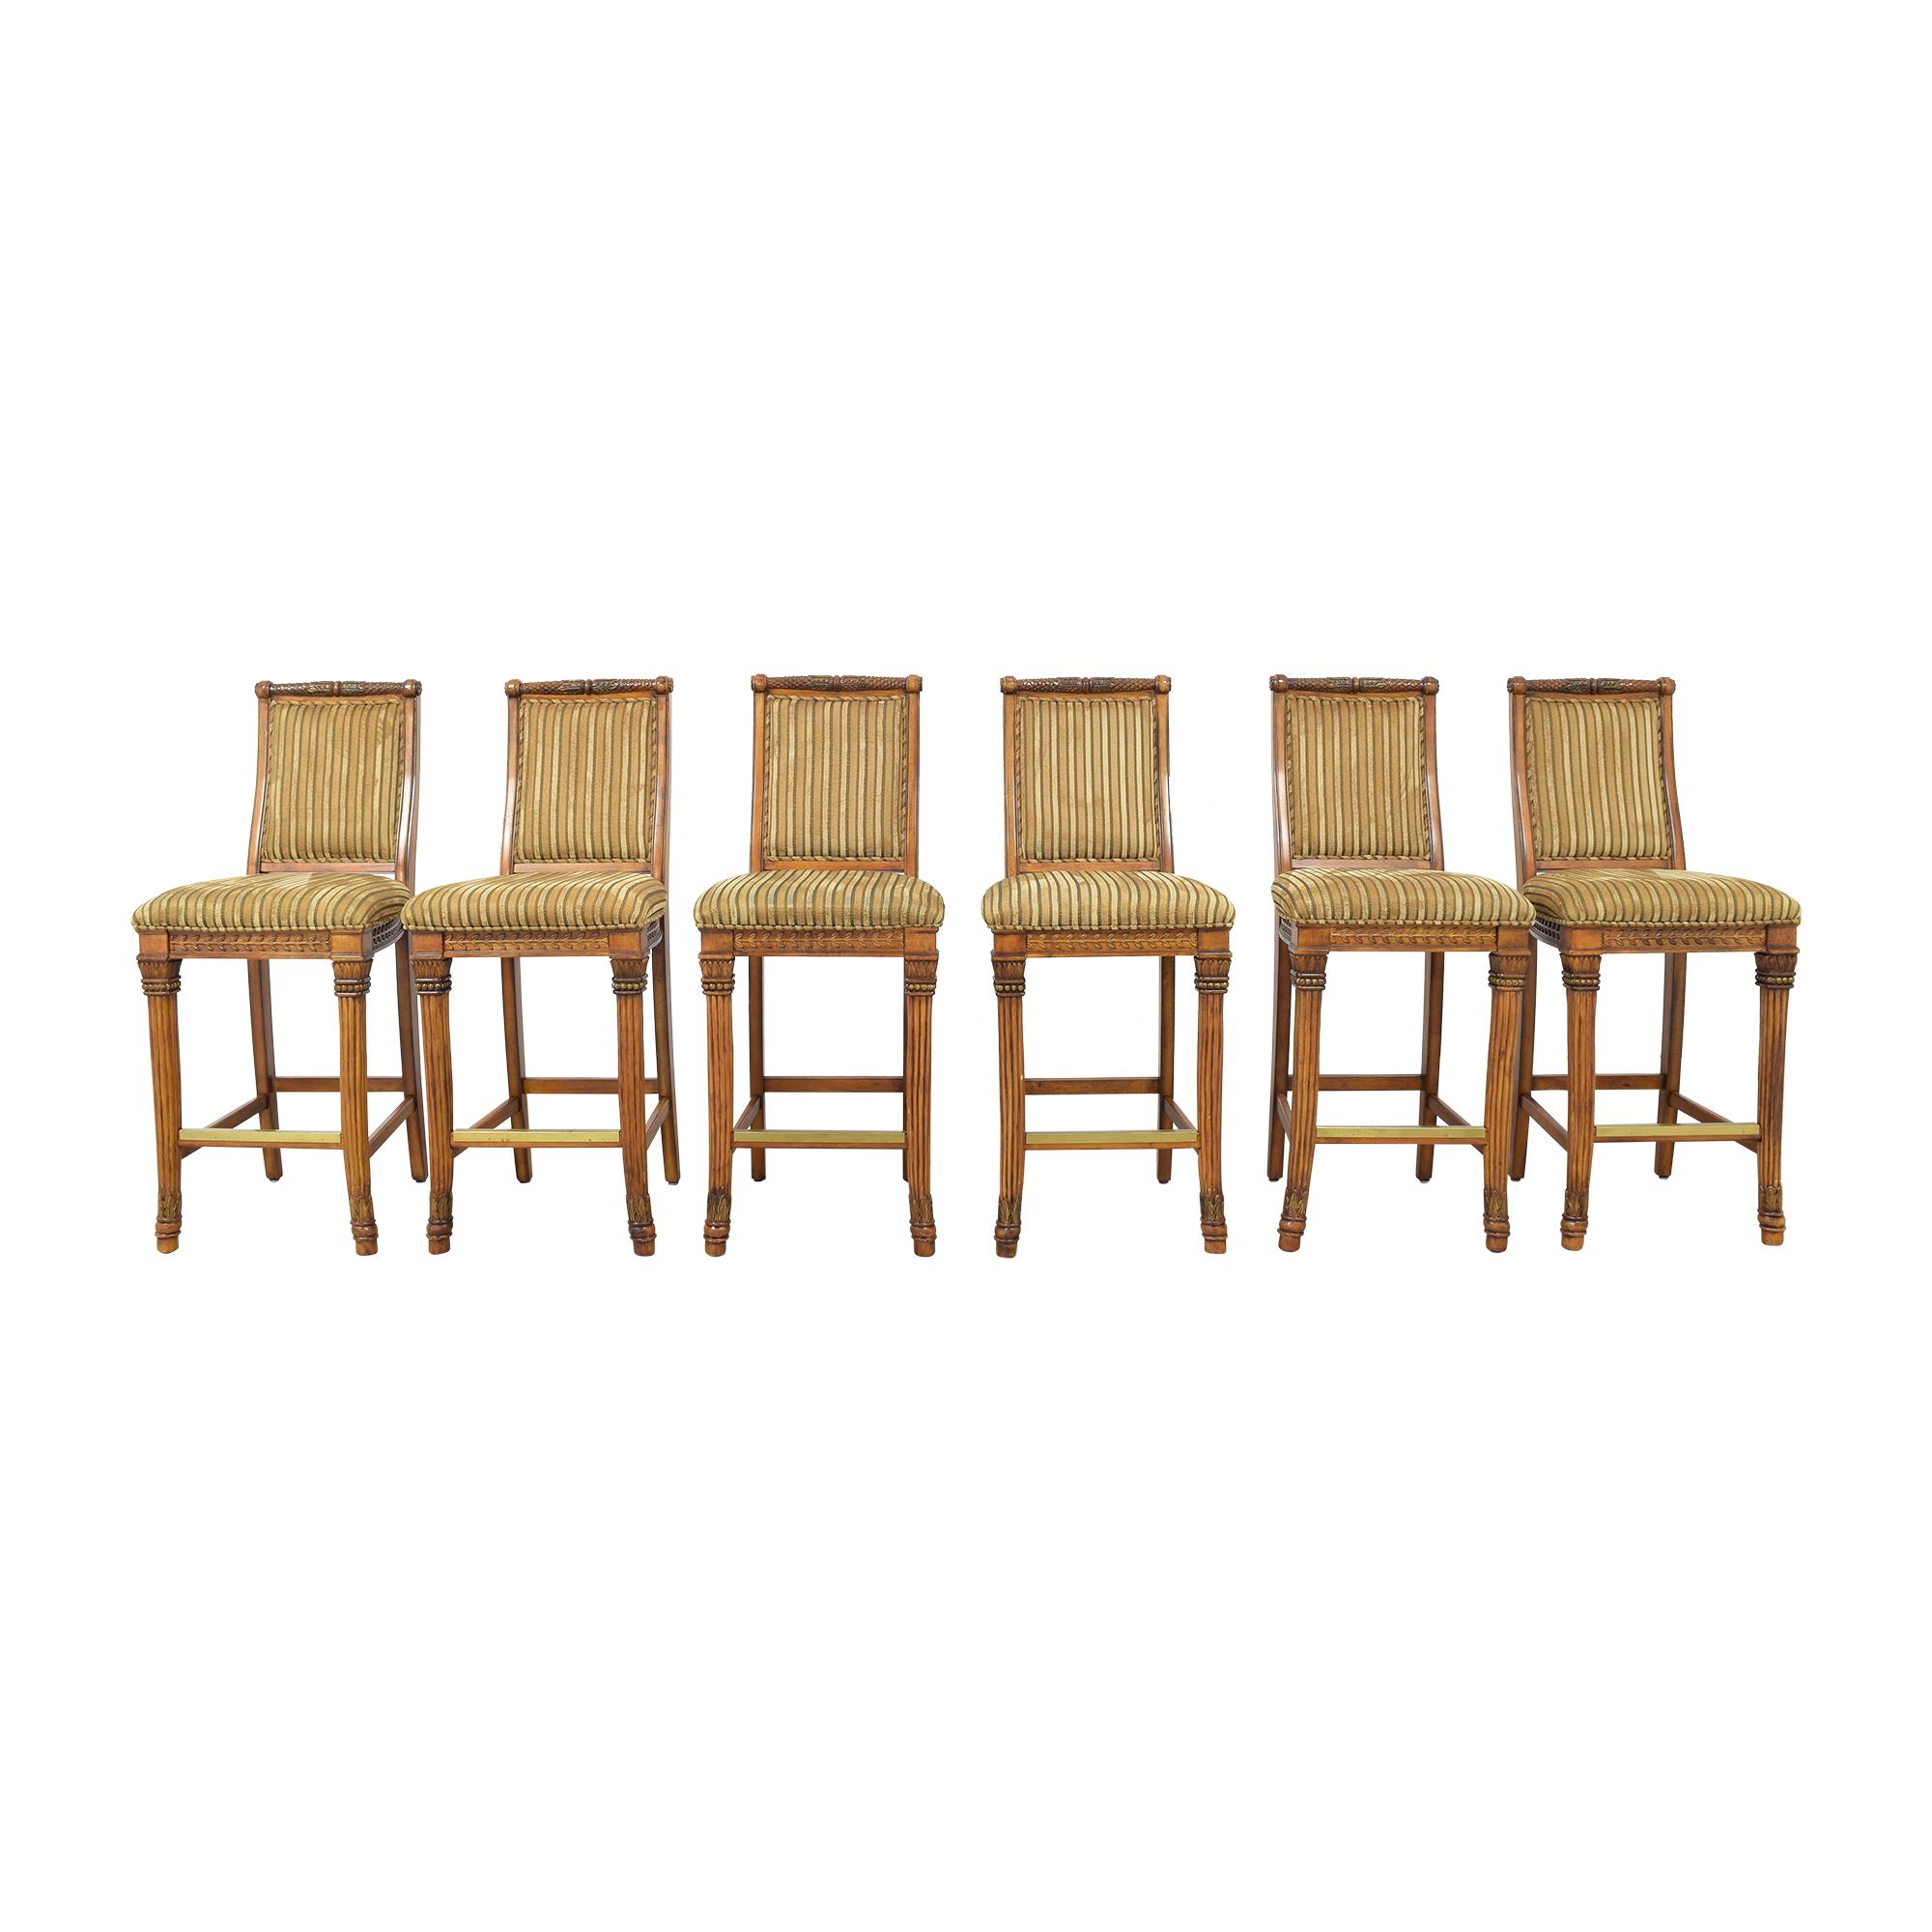 Fairmont Designs Fairmont Designs Bonaparte Bar Stools  Chairs